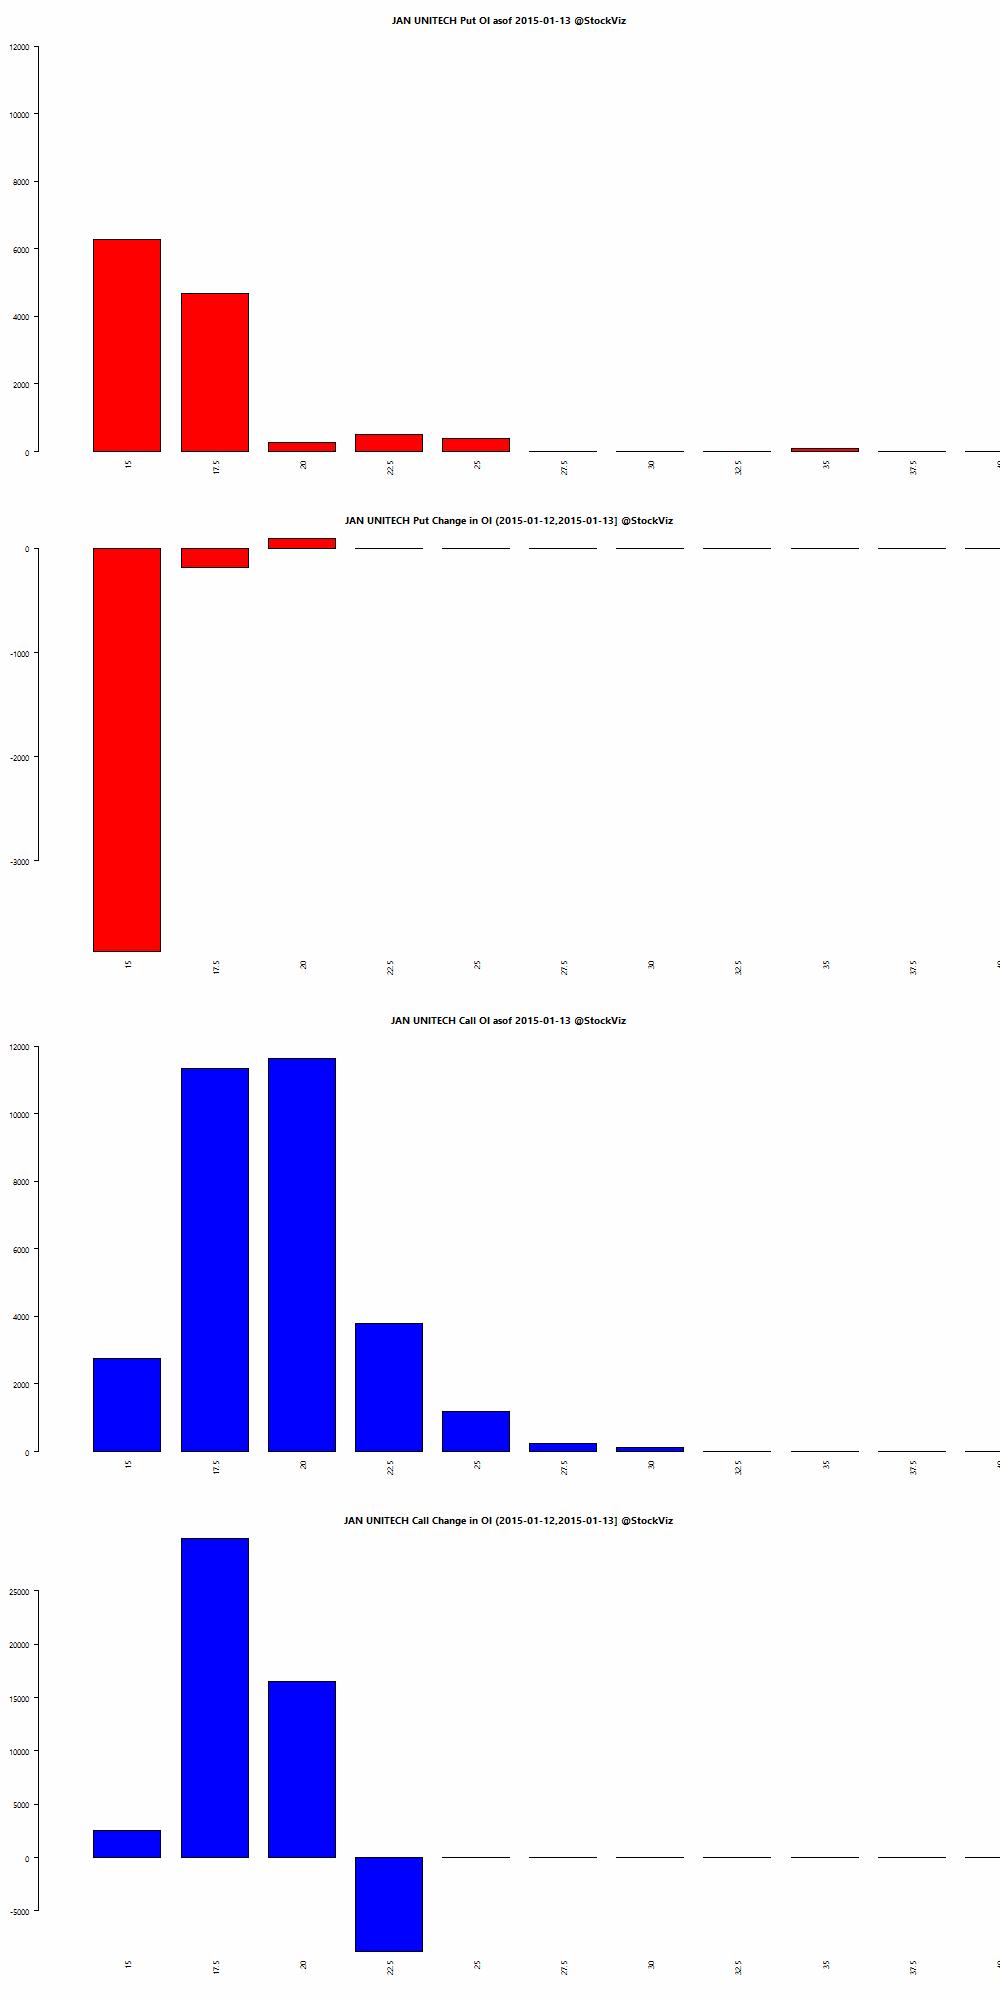 JAN UNITECH OI chart